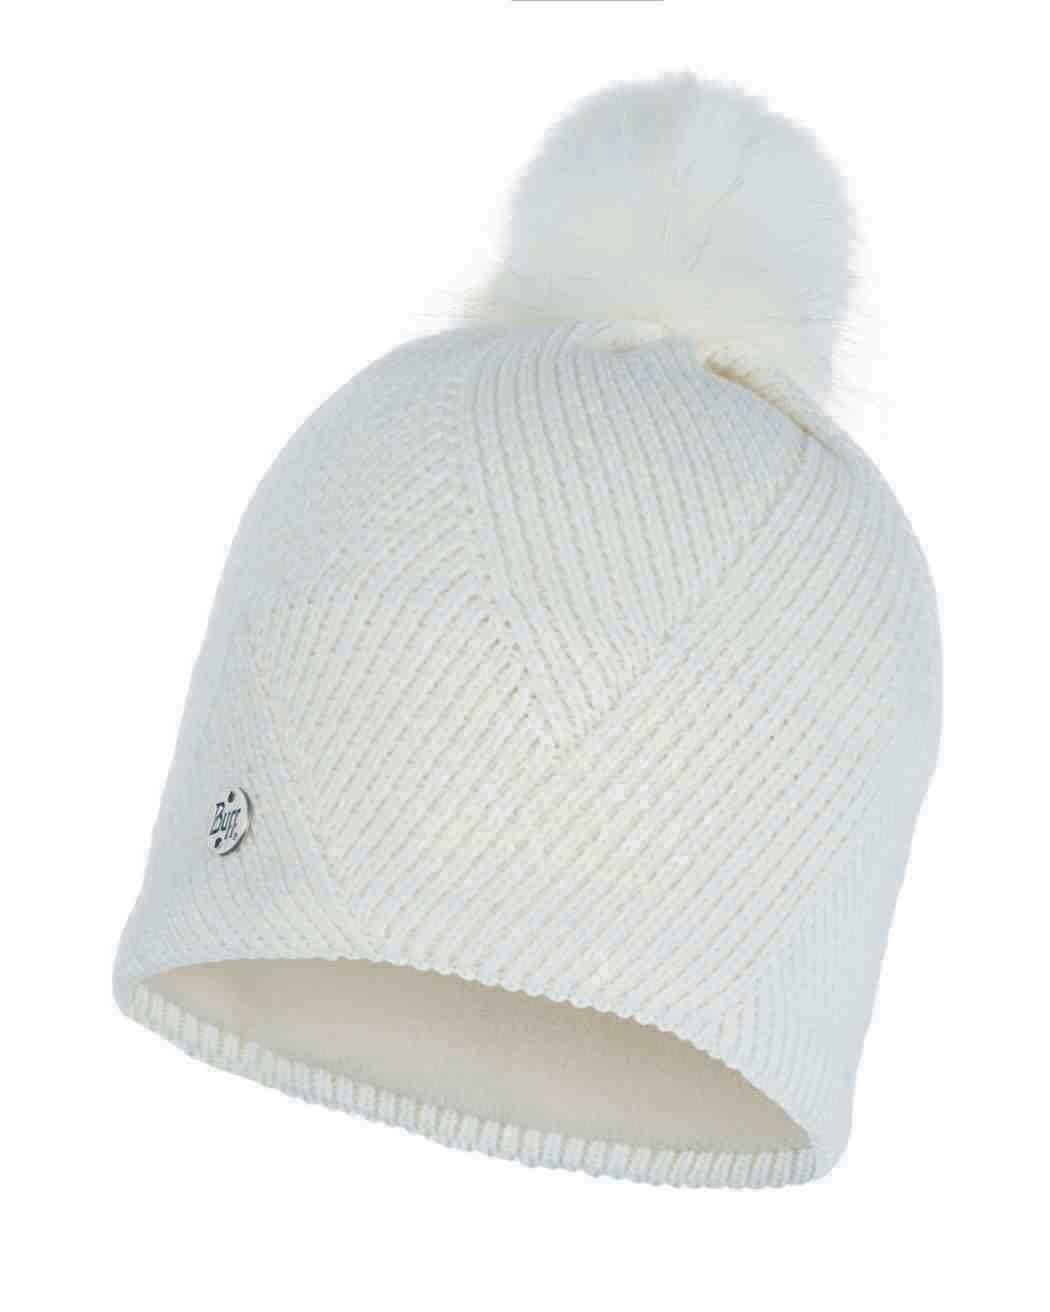 Шапки с помпоном Вязаная шапка с флисовой подкладкой Buff Hat Knitted Polar Disa Fog 117869.016.10.00.jpg